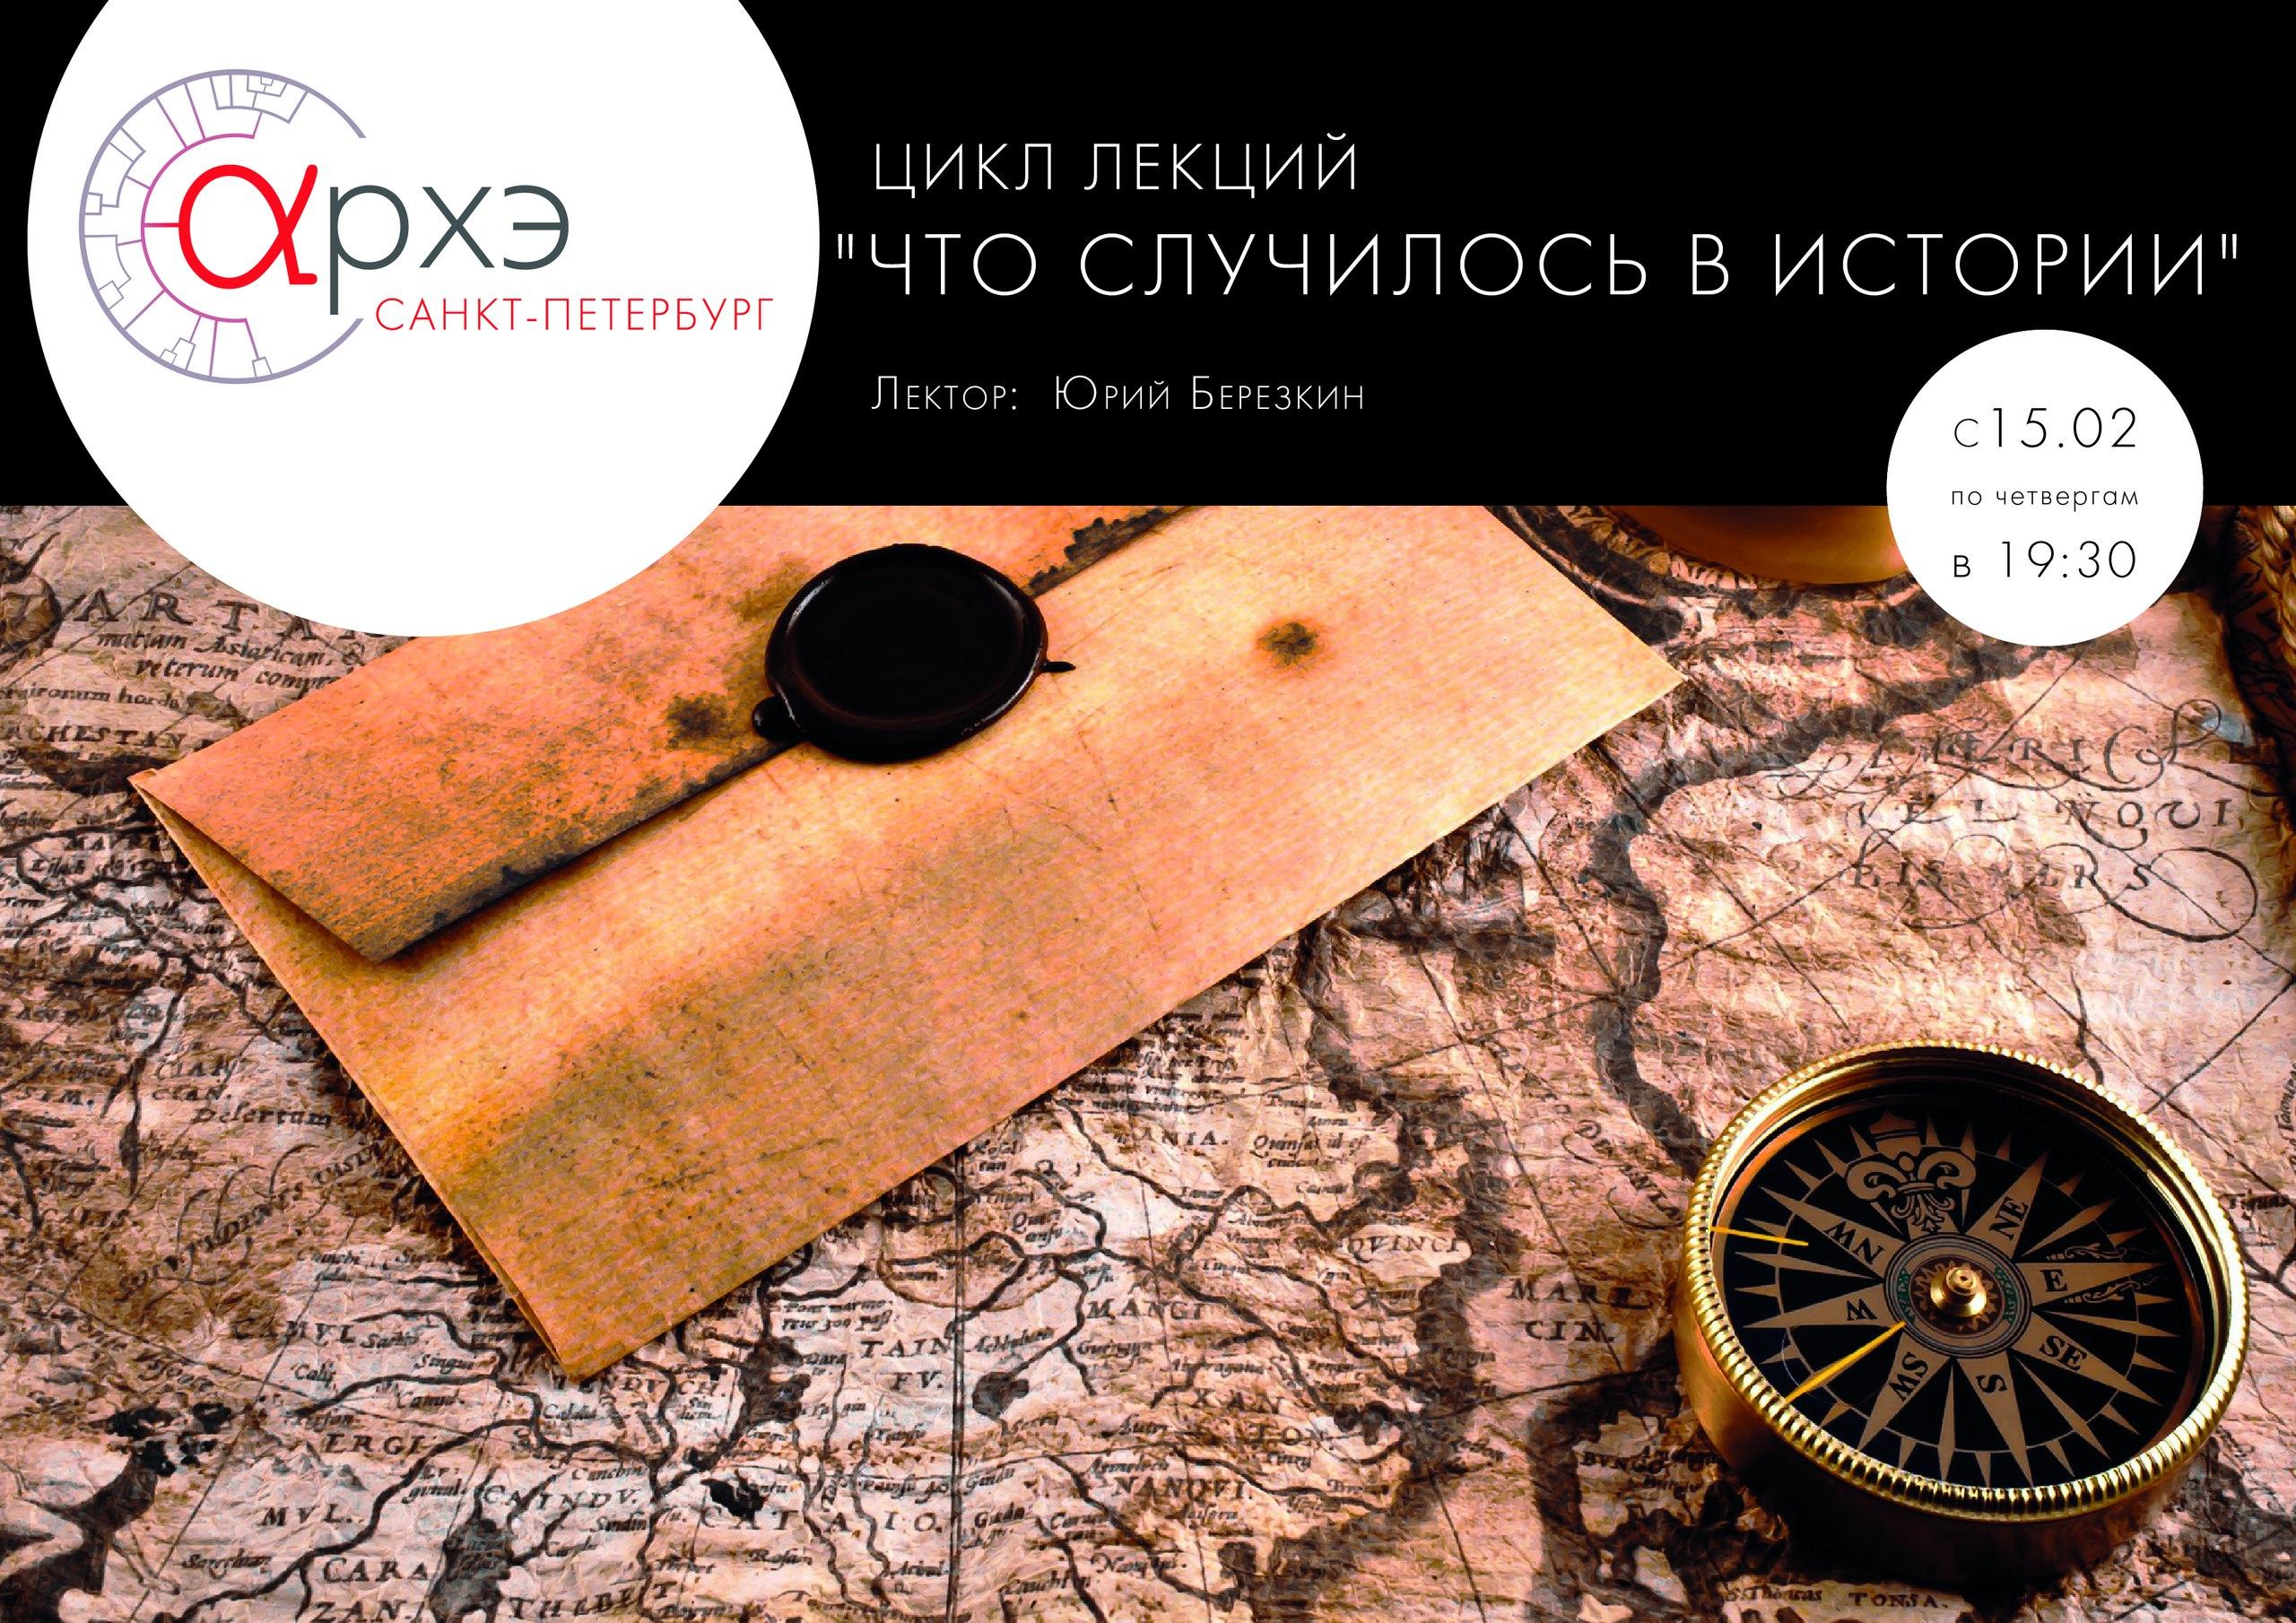 Центр «Архэ» вСанкт-Петербурге приглашает посетить цикл лекций.